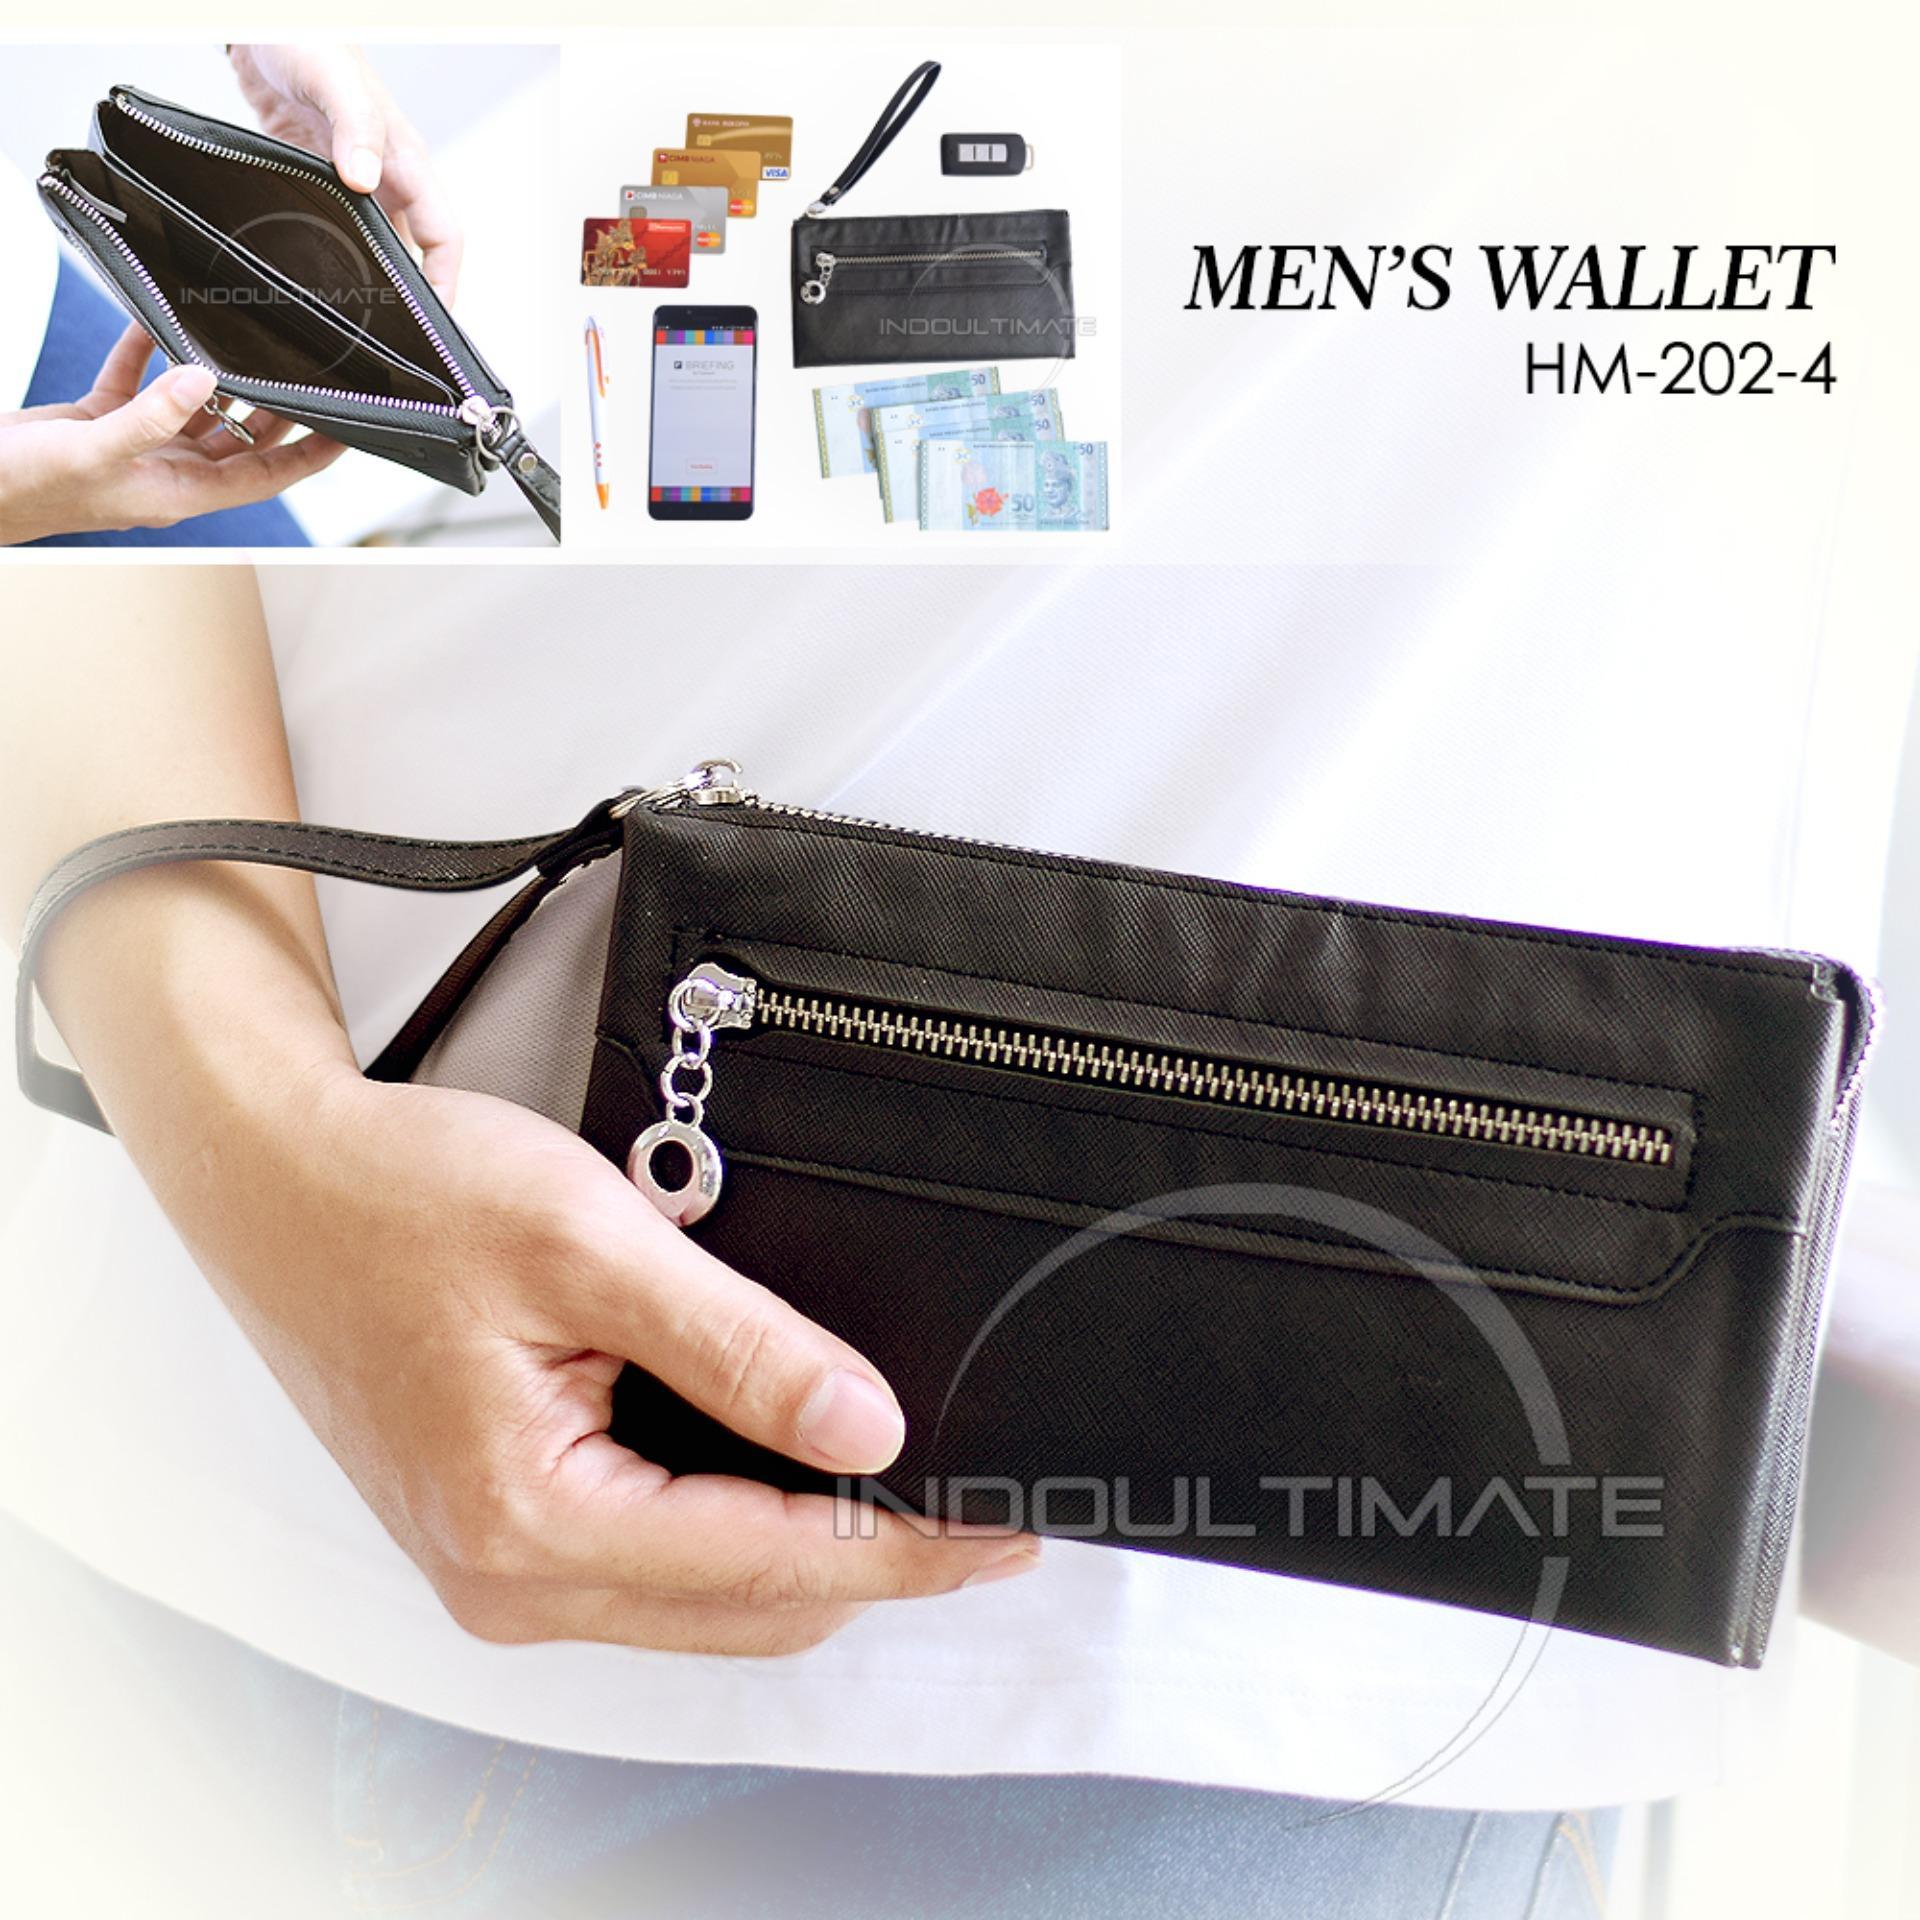 Ultimate Dompet Pria / Wanita HM-202-4 - Black / Dompet Cowok / Cewek Kartu ATM HP Panjang Kulit Import Murah Lucu